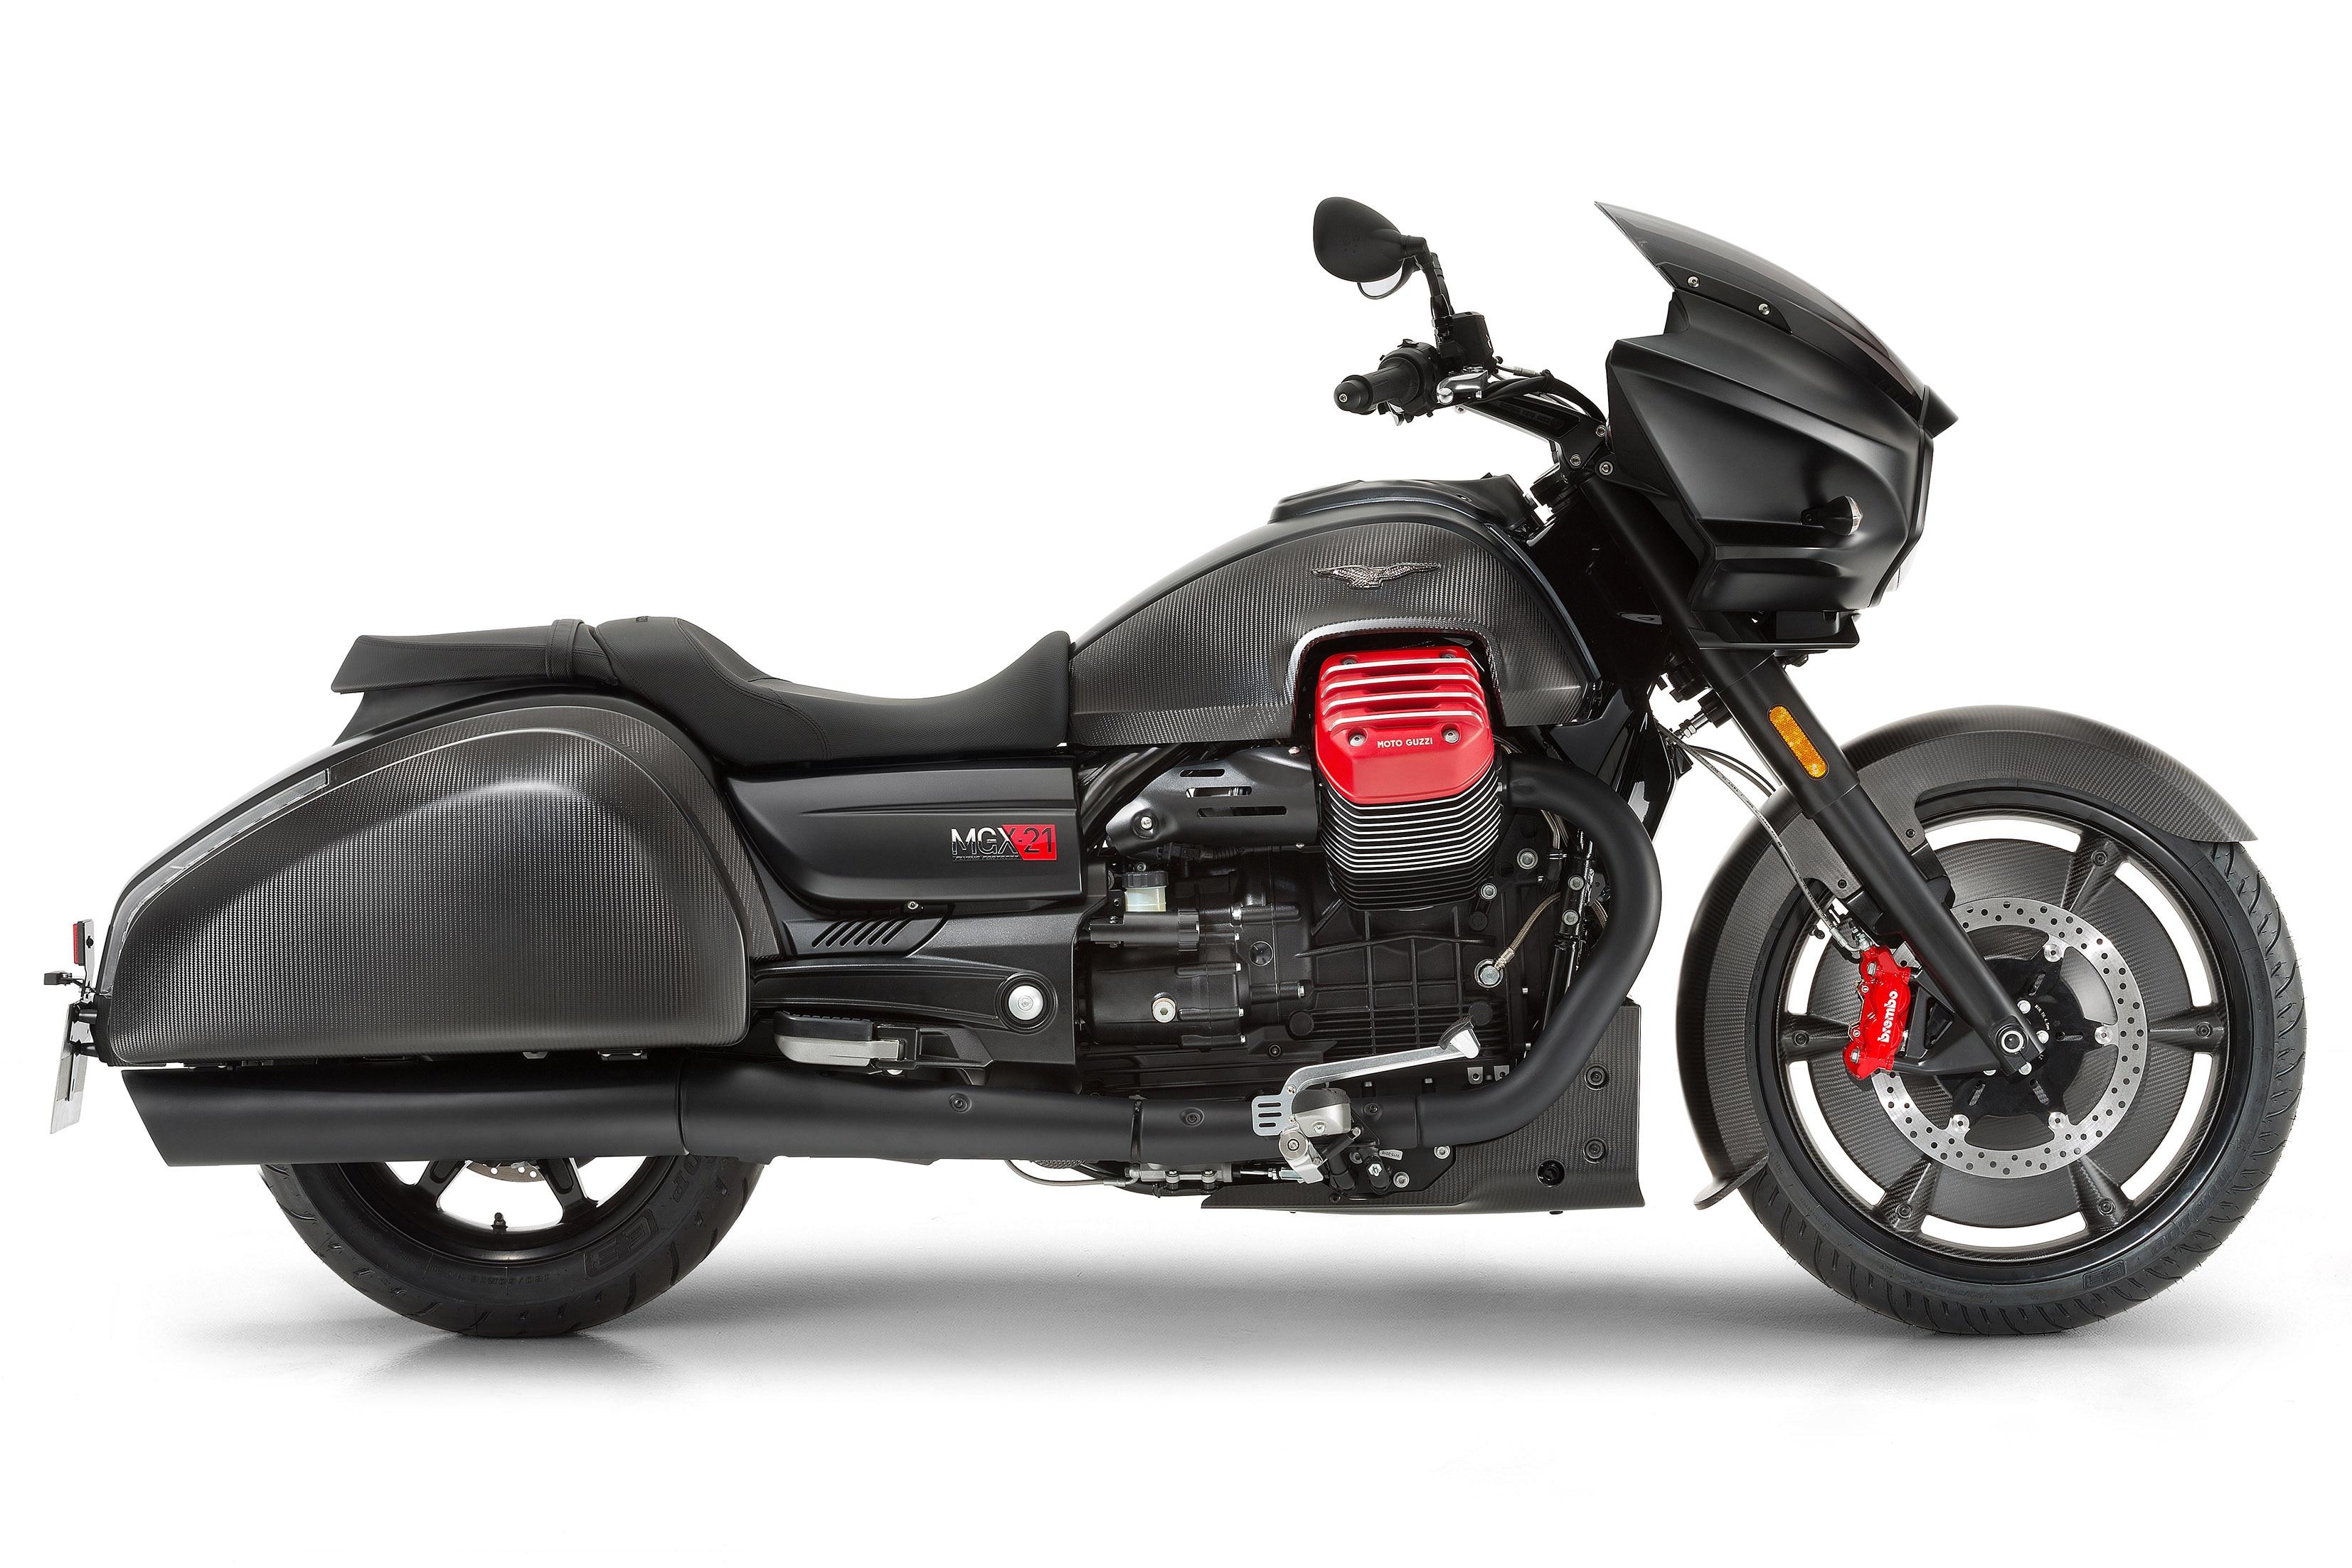 piaggio launches moto guzzi v9 roamer, bobber and mgx-21 in india